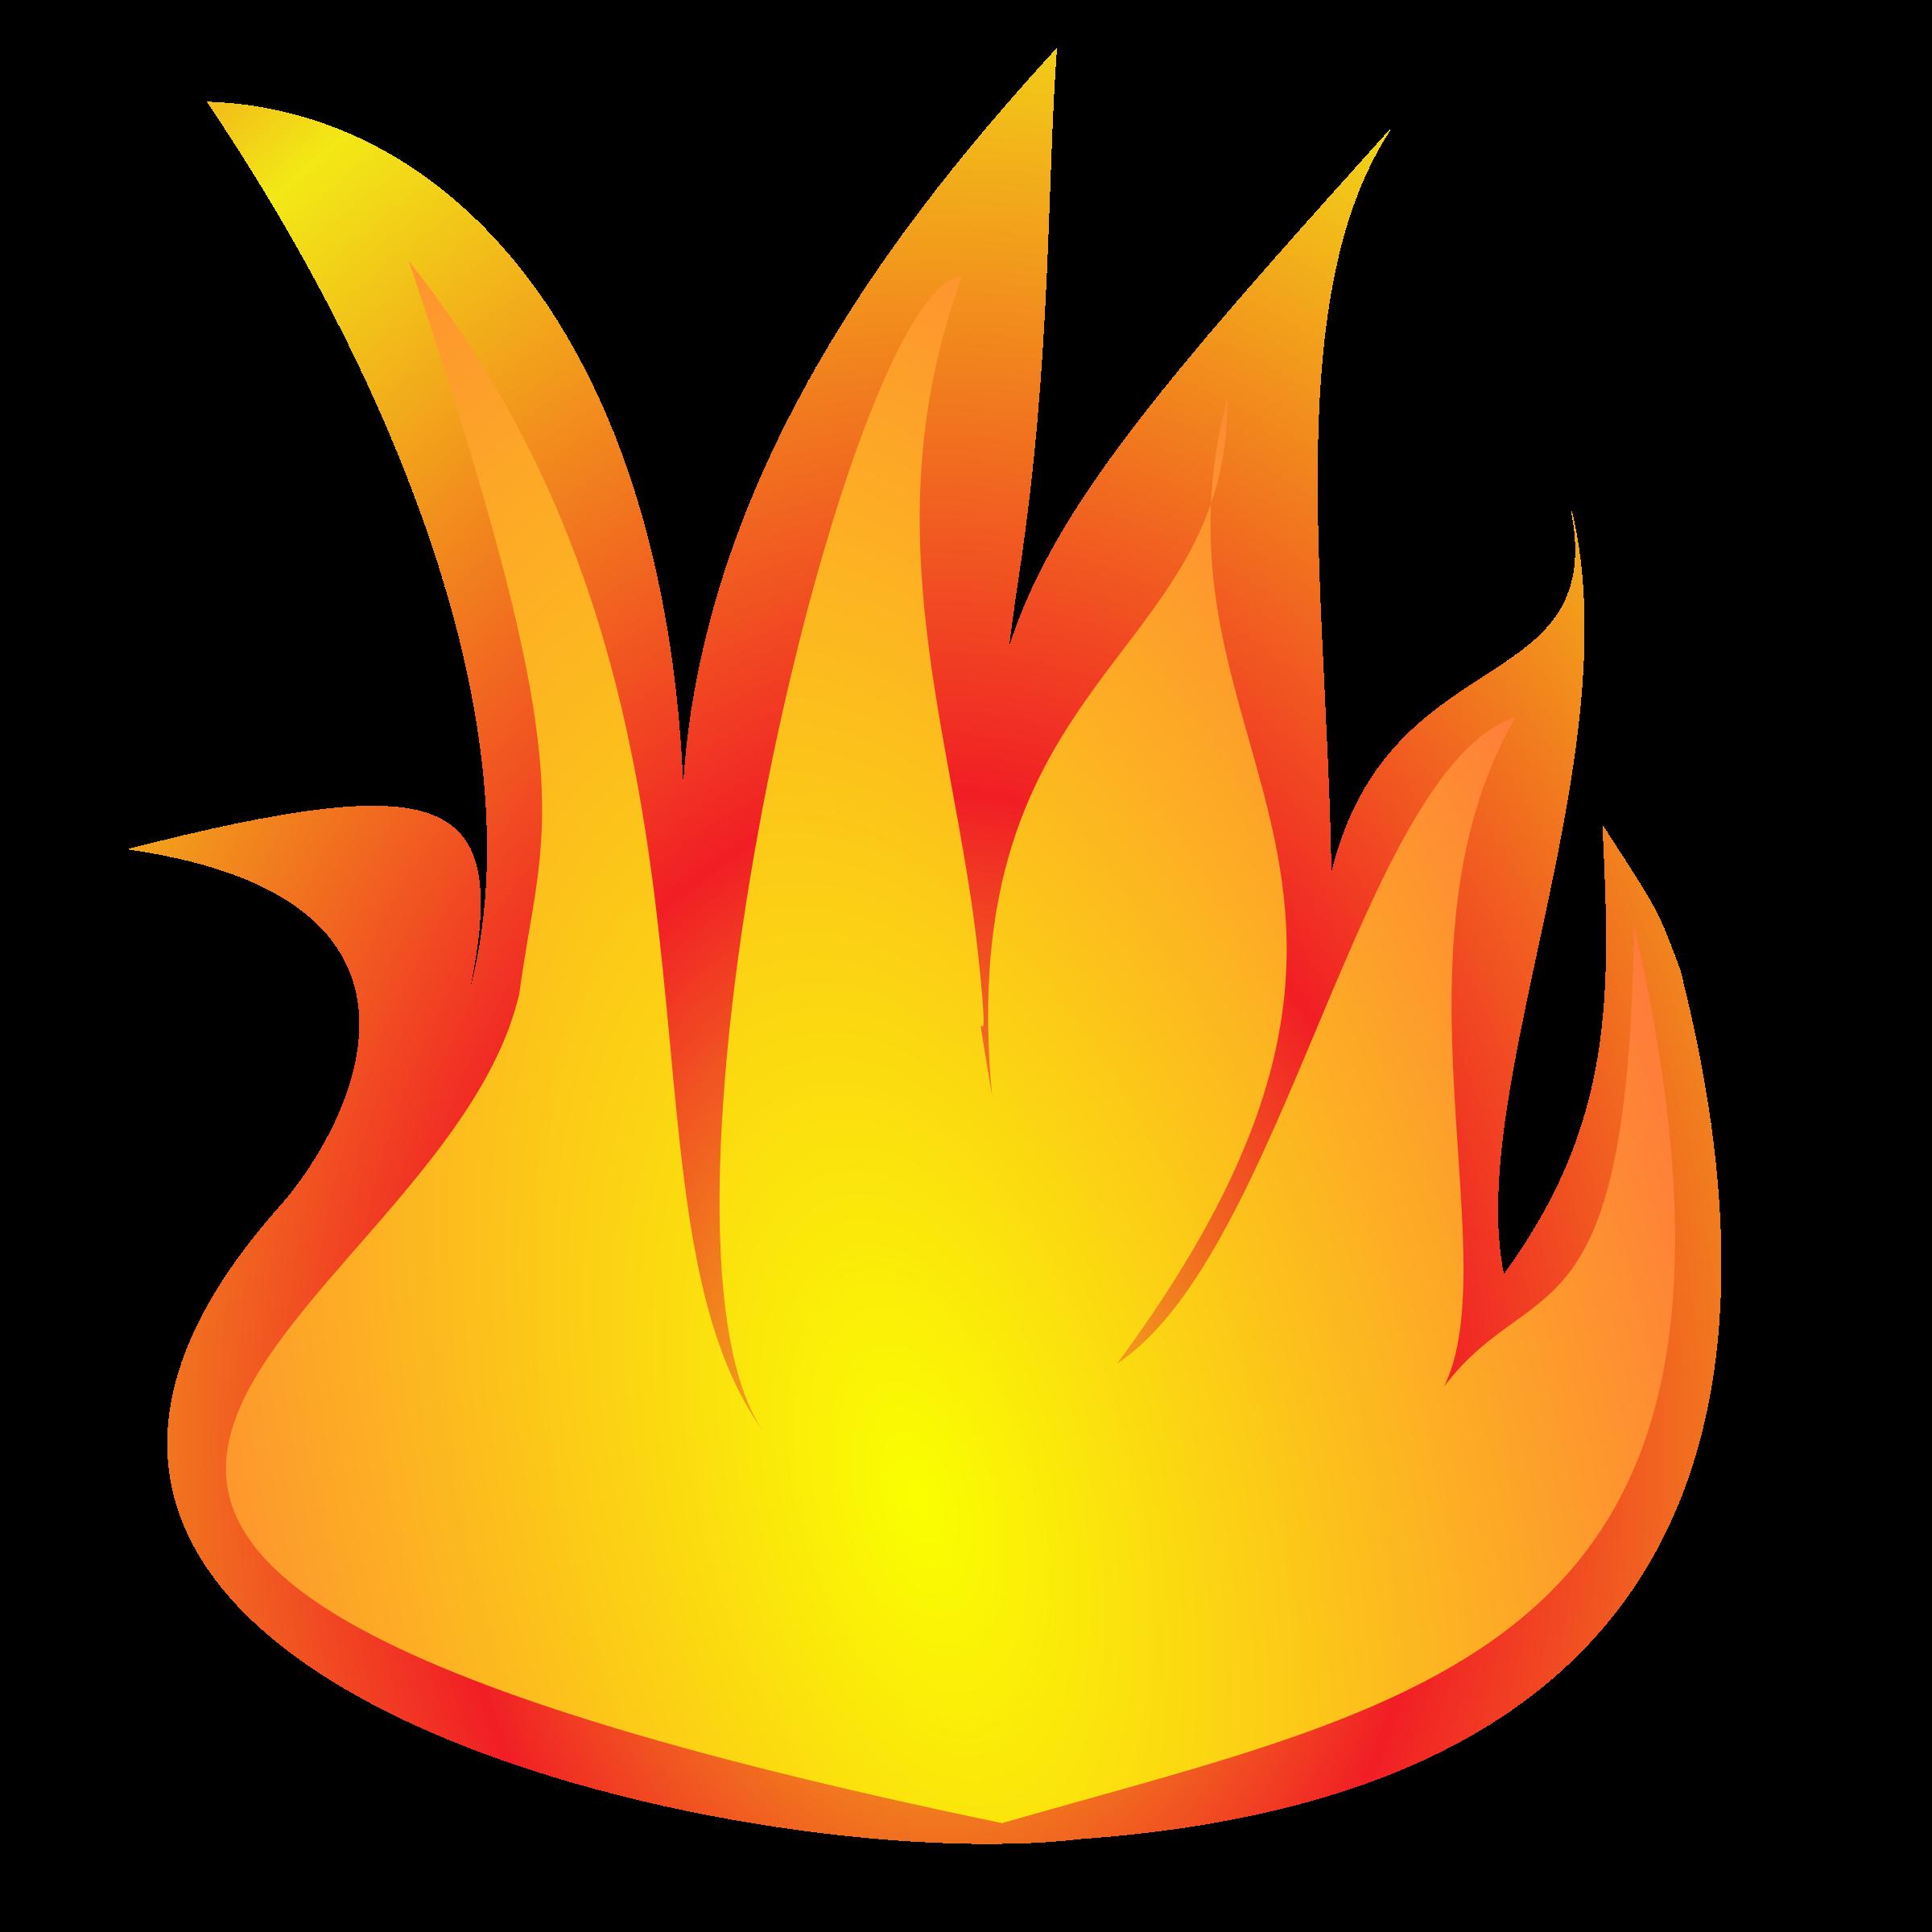 2400x2400 Fire Clipart